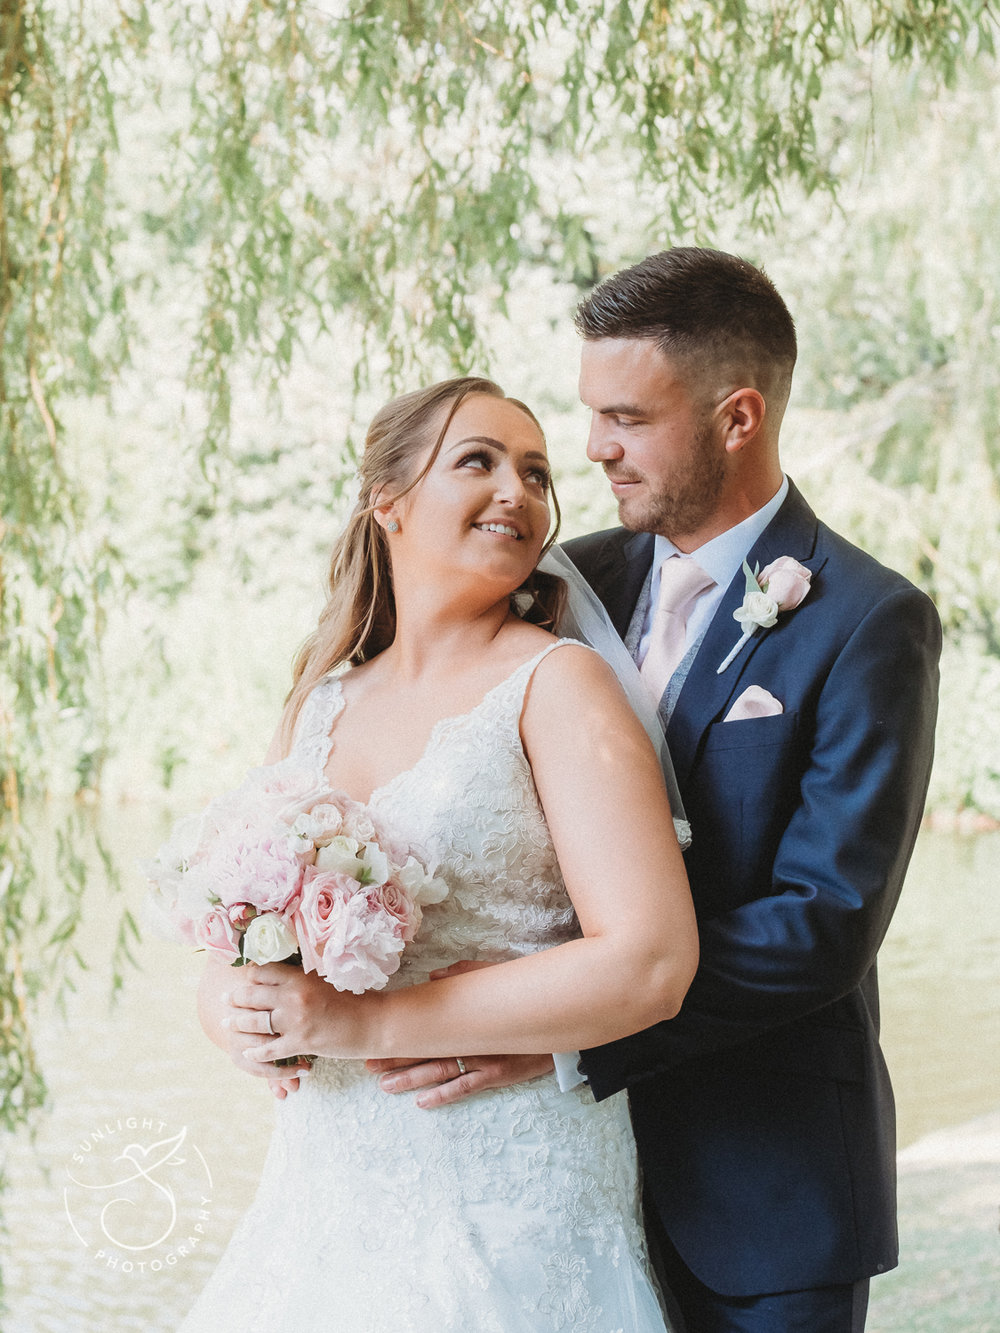 Mr&Mrs-Tarling-171.jpg